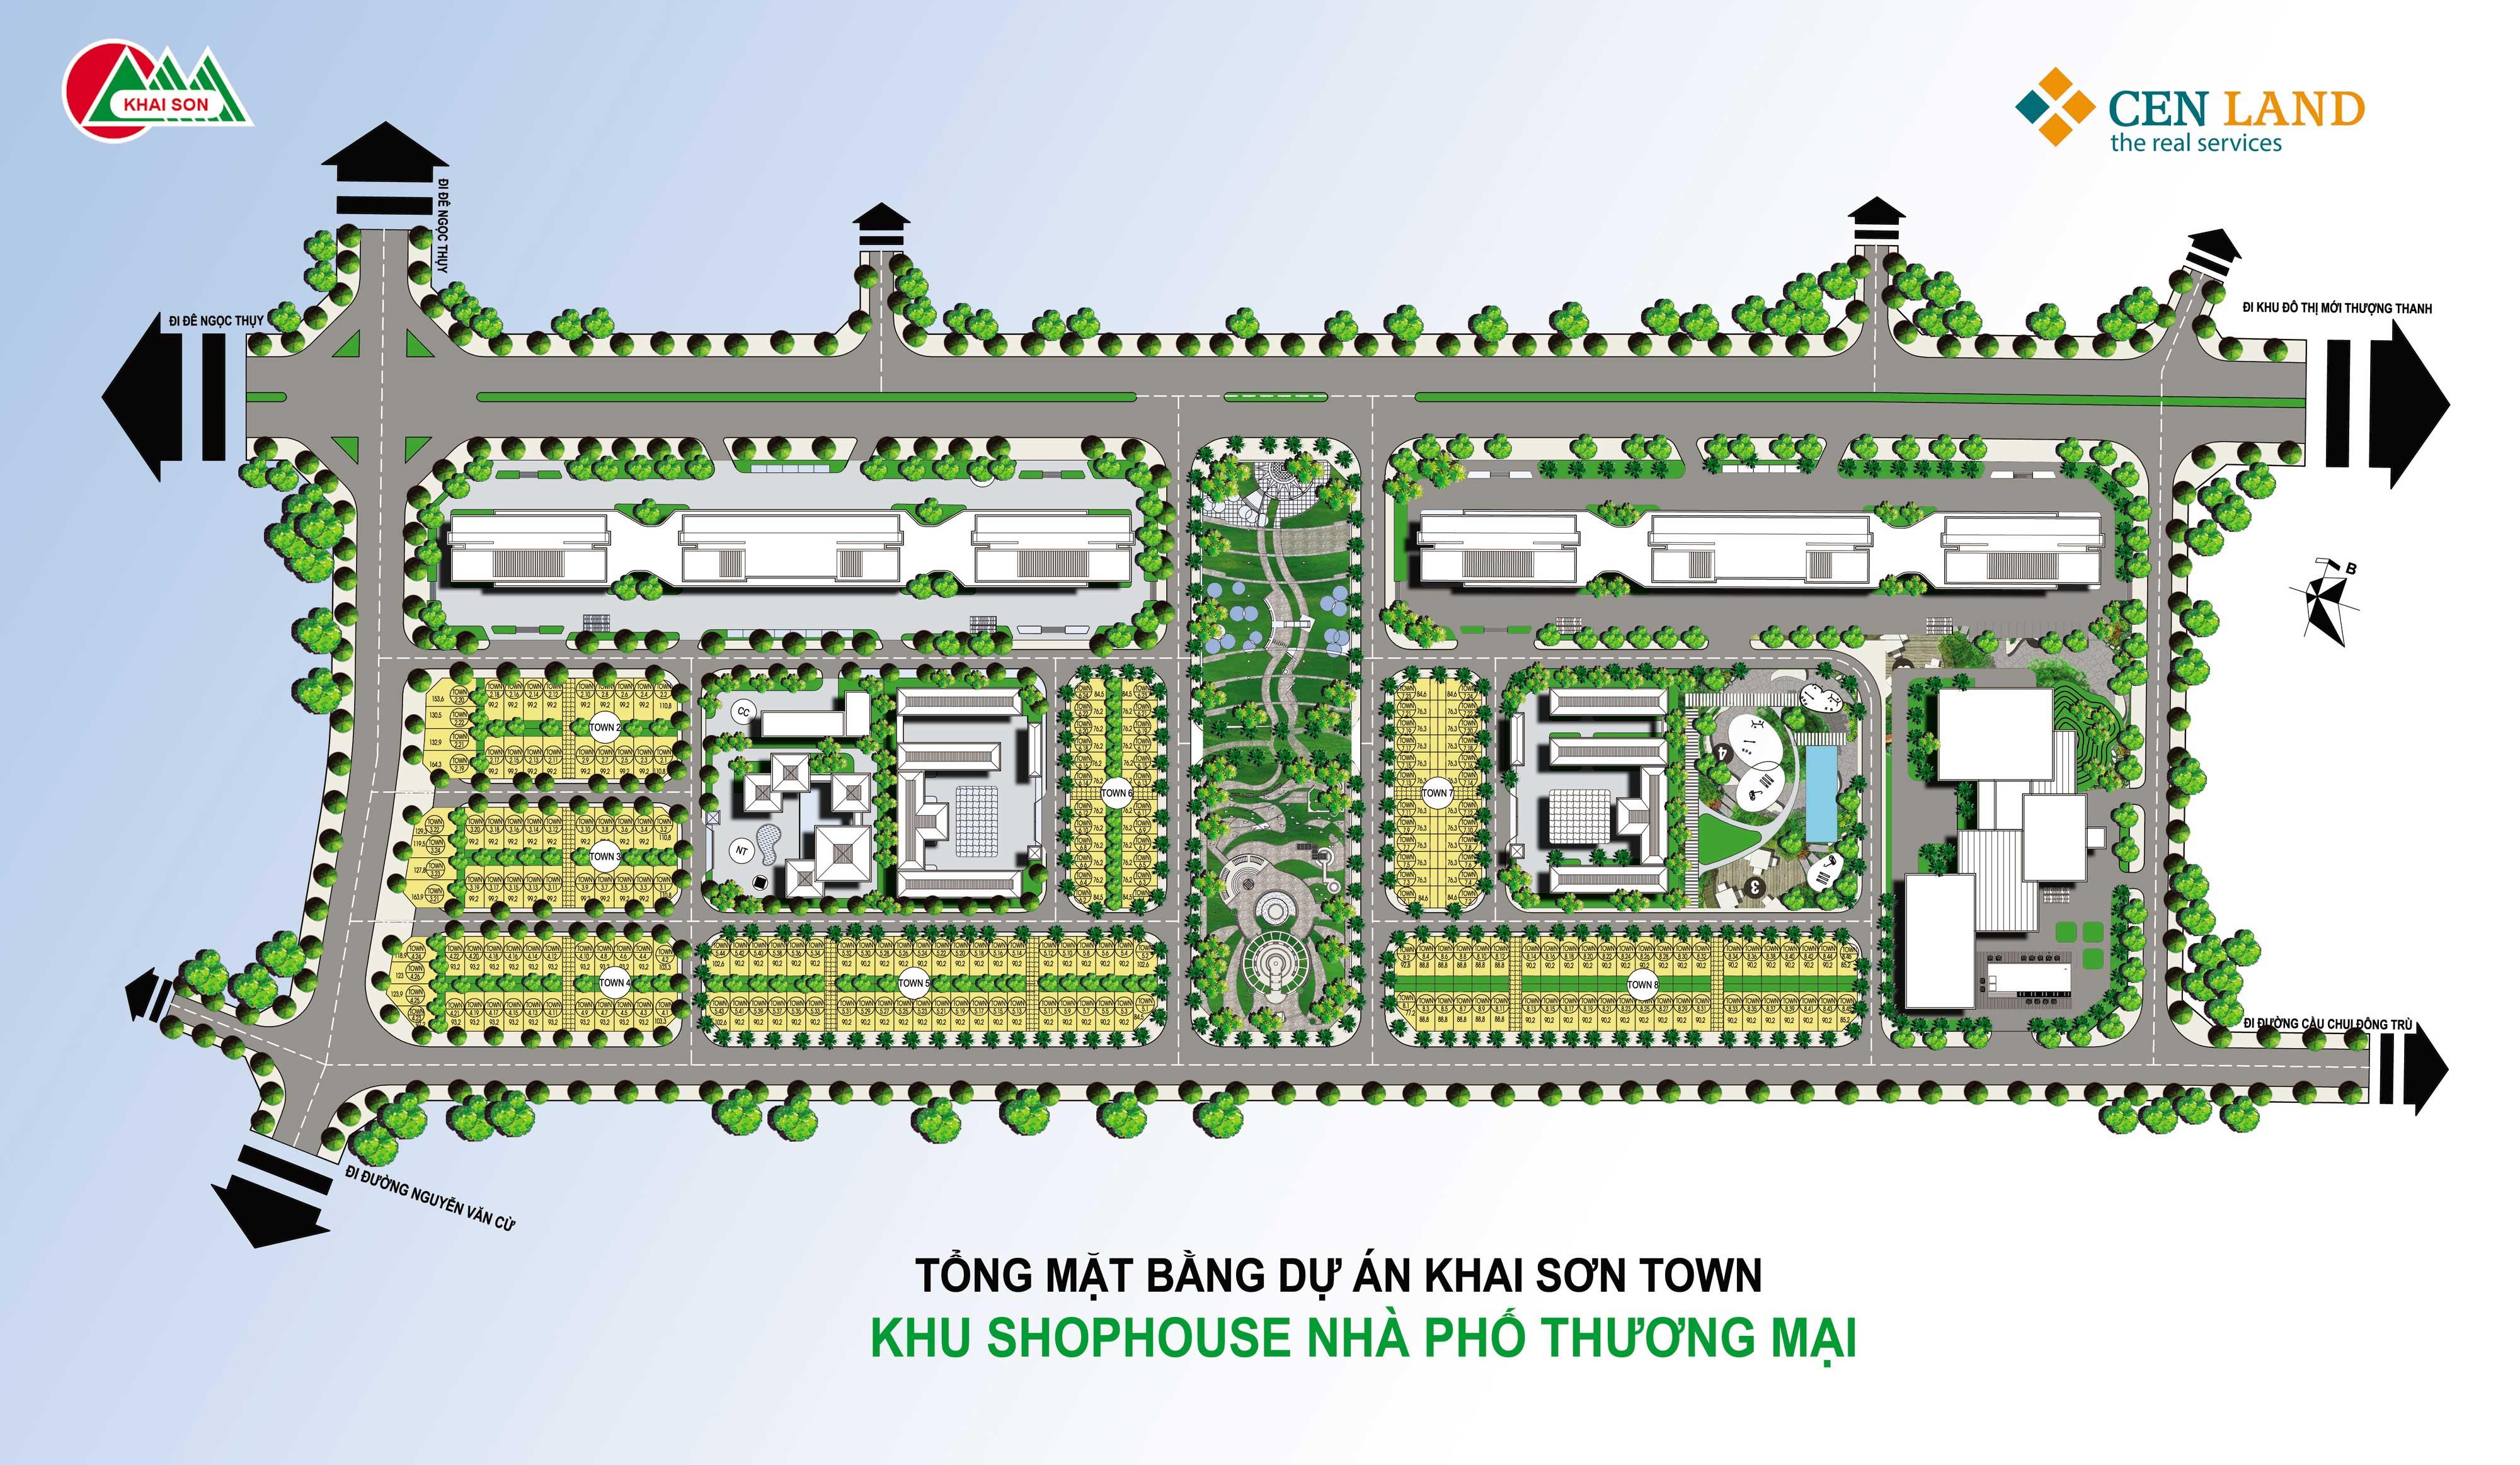 Mặt bằng tổng thể dự án nhà phố thương mại Khai Son Town